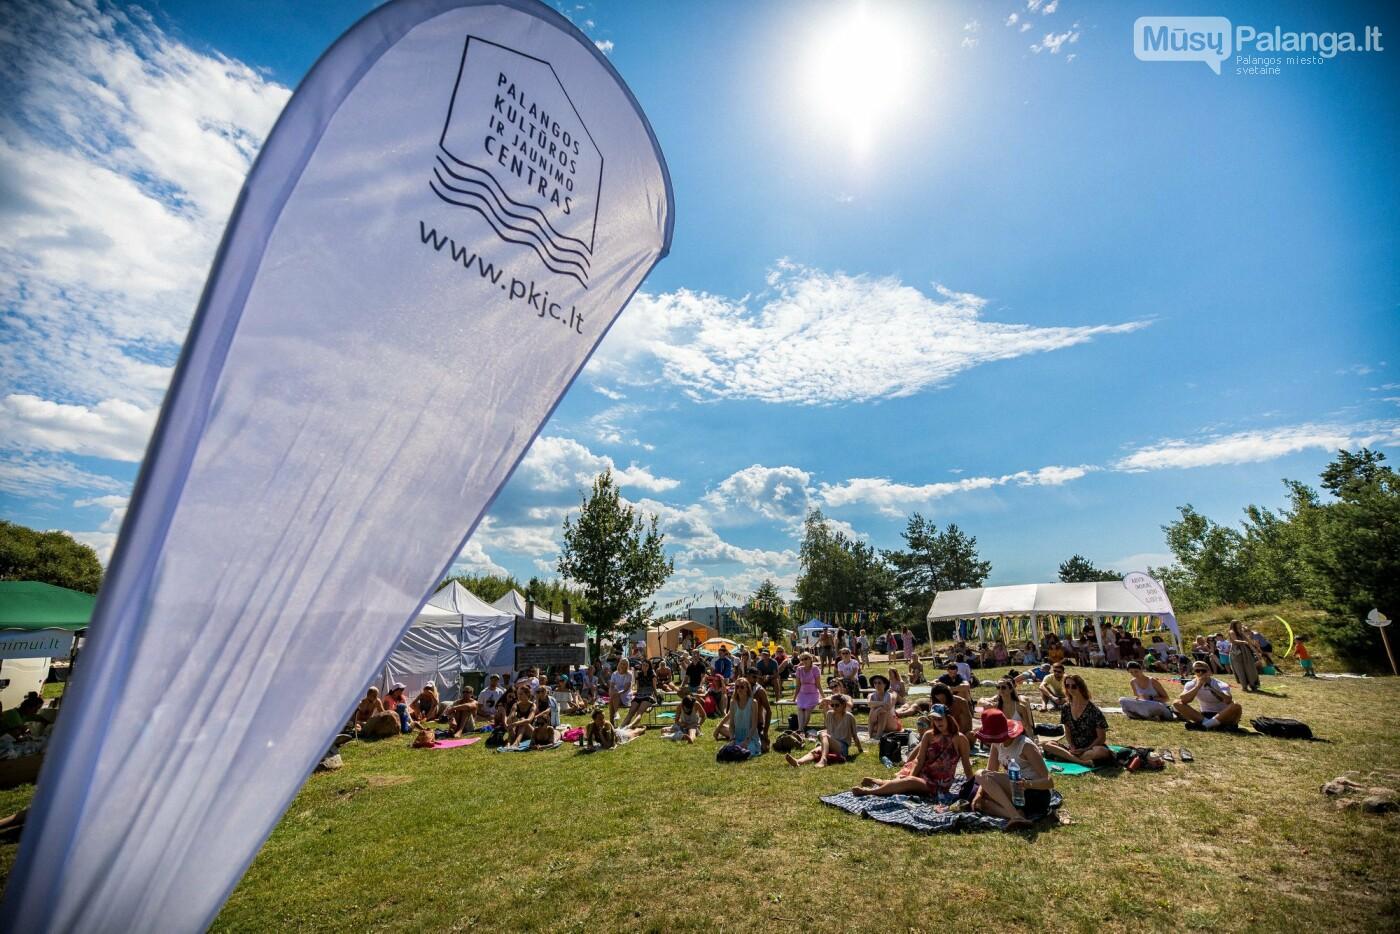 """Šeštus metus rengiamas nemokamas sveikatingumo, sporto ir meno festivalis """"1000 saulių"""" įvyks rugpjūčio 20-22 dienomis (PROGRAMA), nuotrauka-1"""